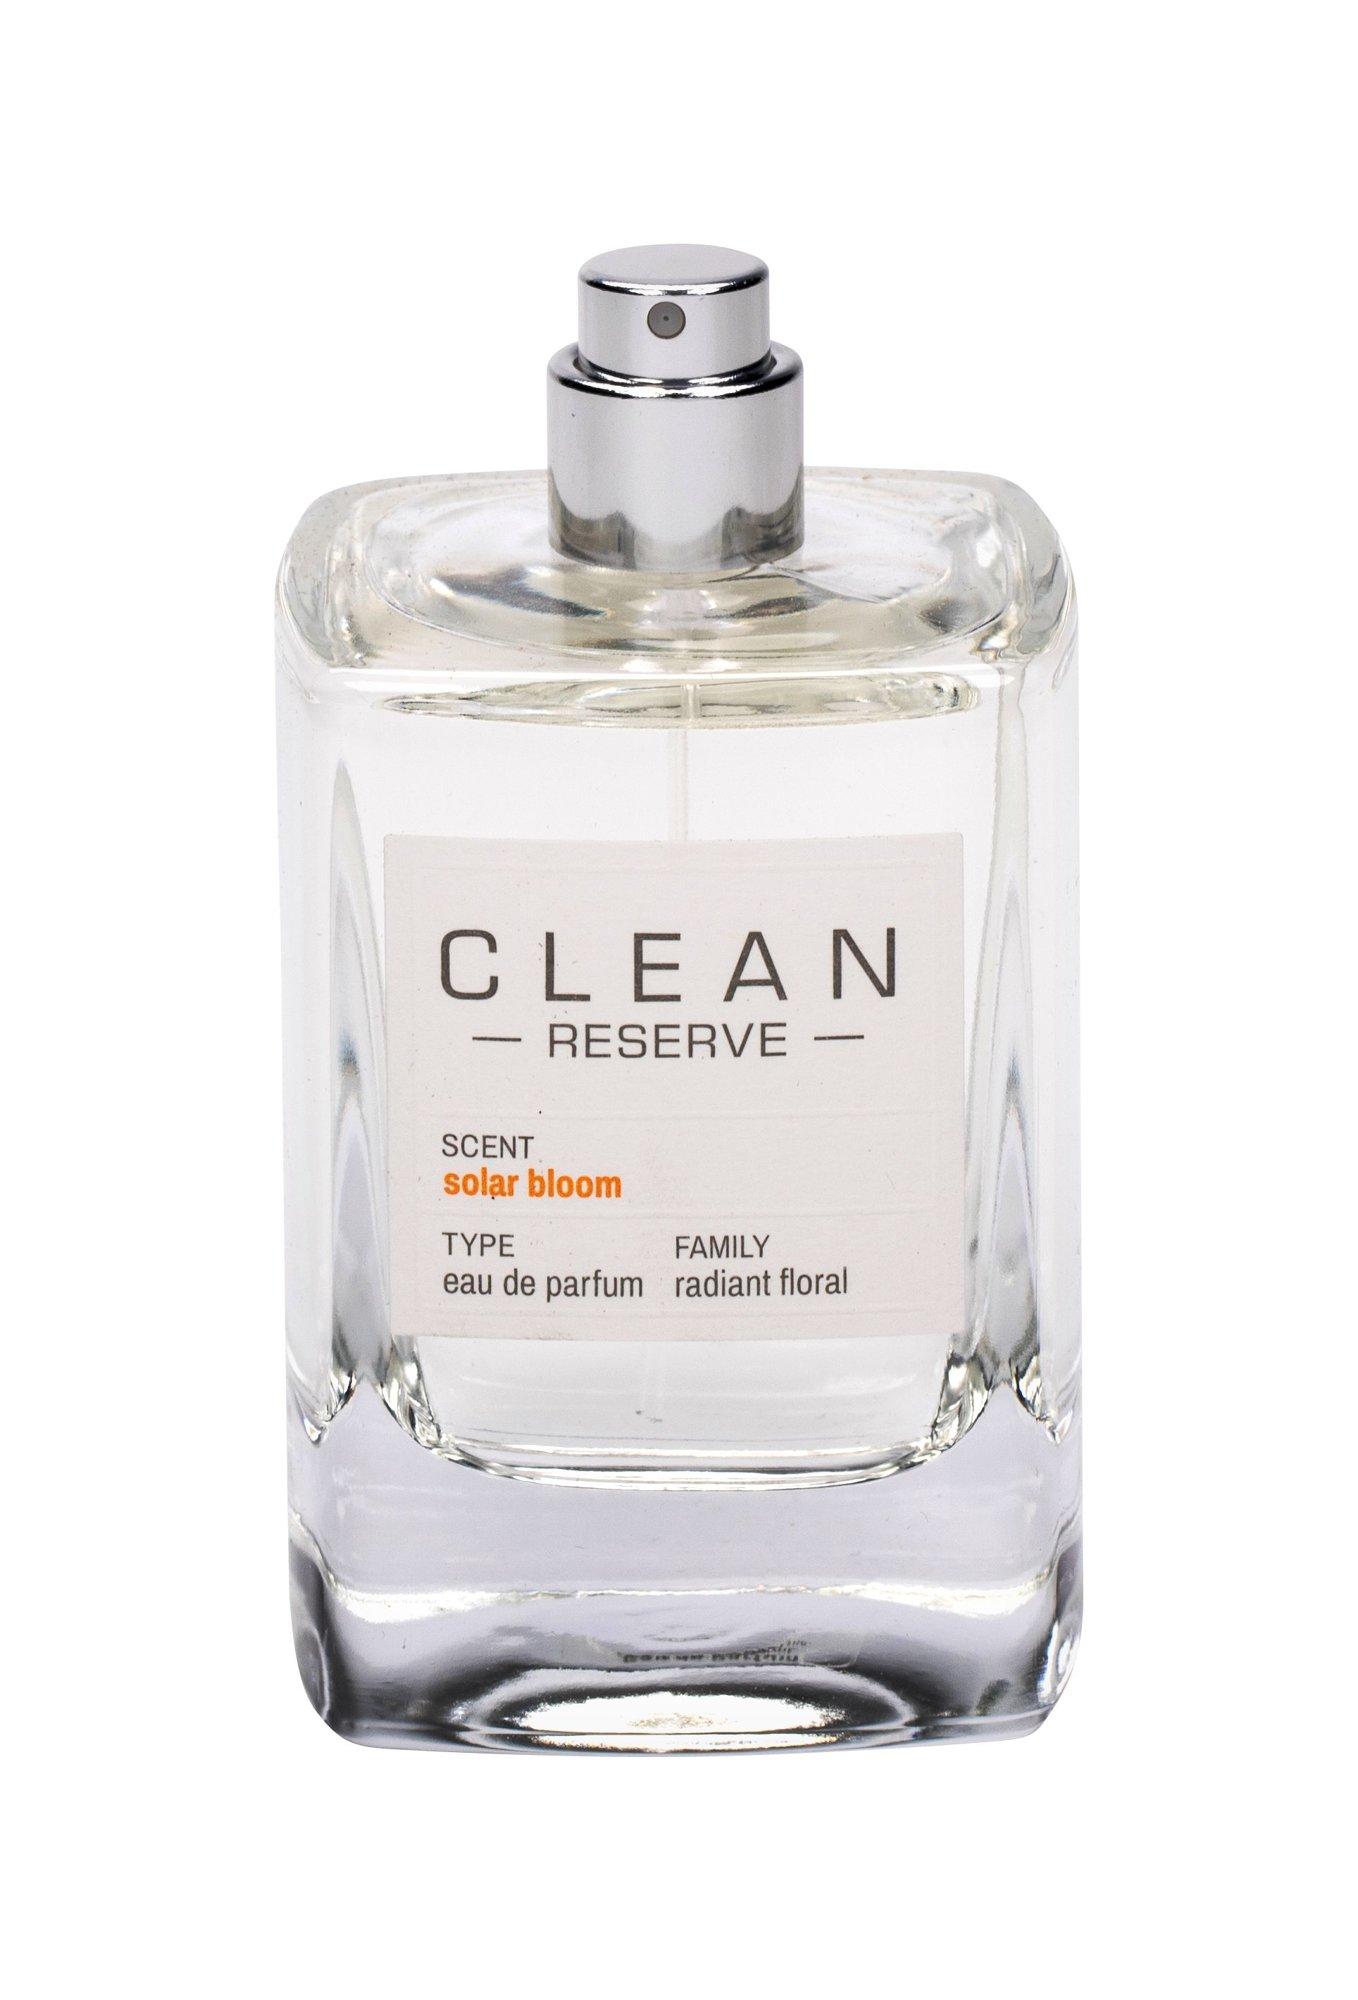 Clean Clean Reserve Collection Eau de Parfum 100ml  Solar Bloom